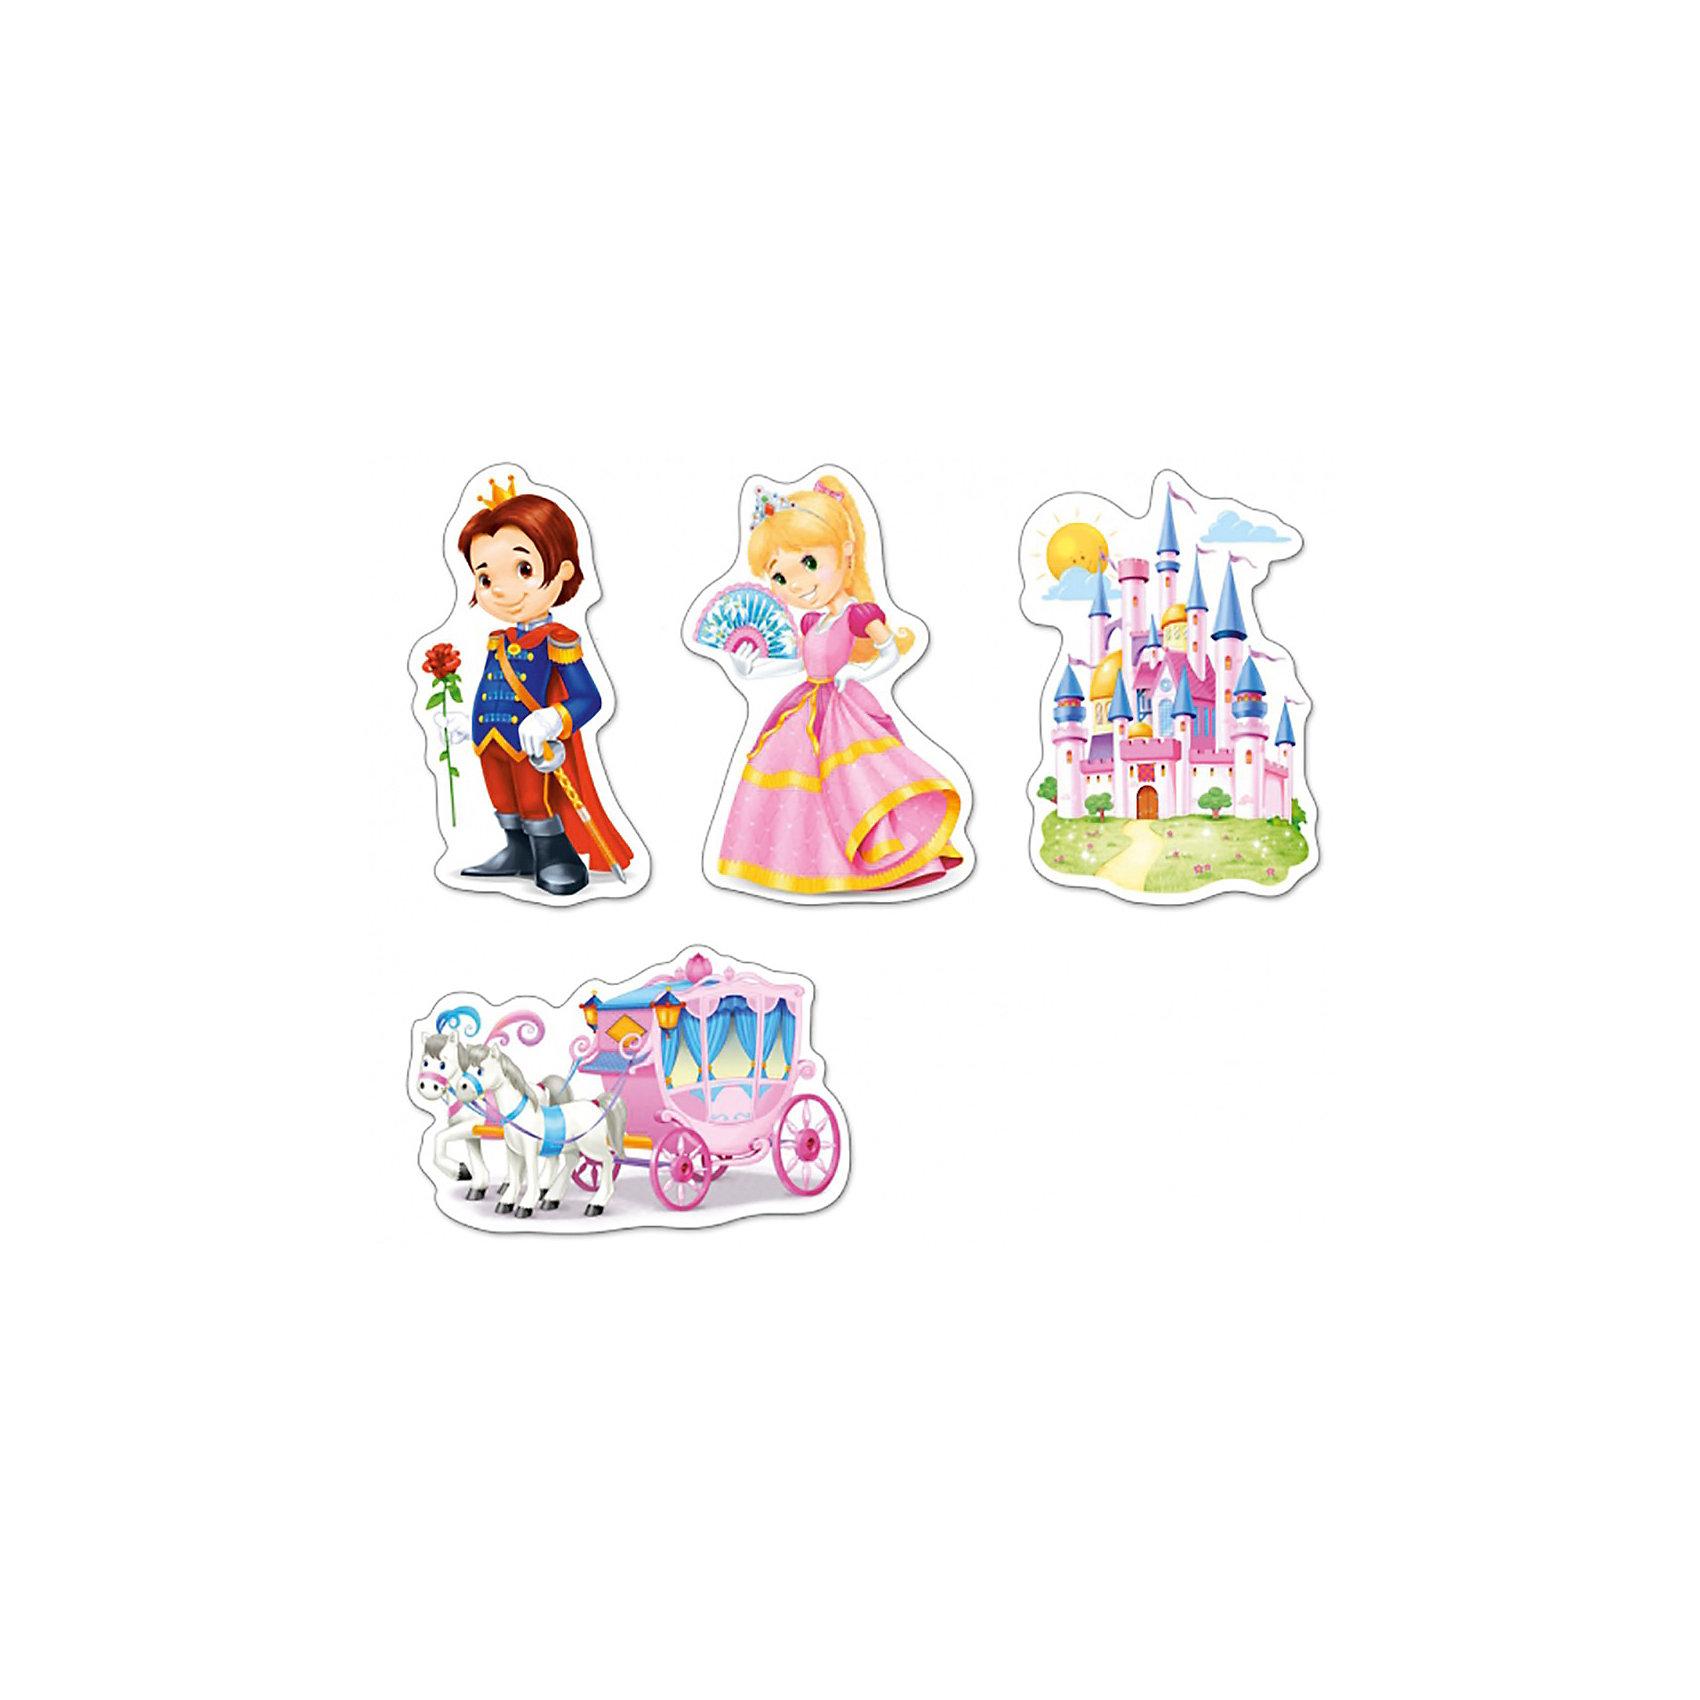 Пазлы Мир принцесс, 3*4*6*9 деталей, CastorlandПазлы Мир принцесс, 3*4*6*9 деталей, Castorland (Касторленд) - это увлекательный набор для первого знакомства вашей малышки с пазлами.<br>Пазлы Мир принцесс – это контурные пазлы для самых маленьких, состоящие из четырех отдельных картинок разной степени сложности. В наборе пазлы с изображением сказочной кареты, прекрасного замка, принцессы и принца. Собирая пазлы, малышка сможет не только увлекательно провести время, но и развить образное и логическое мышление, наблюдательность, мелкую моторику и координацию движений рук. Пазлы выполнены из плотного картона, детали красочные и крупные, легко собираются.<br><br>Дополнительная информация:<br><br>- Каждый пазл состоит из разного количества деталей: сказочная карета – 9 деталей, замок – 6 деталей, принц - -4 детали, принцесса – 3 детали<br>- Размер картинок: 16.5 ? 11 см.<br>- Материал: плотный картон<br>- Упаковка: картонная коробка<br>- Размер коробки: 17,5 х 3,7 х 13 см.<br>- Вес: 110 гр.<br><br>Пазлы Мир принцесс, 3*4*6*9 деталей, Castorland (Касторленд) можно купить в нашем интернет-магазине.<br><br>Ширина мм: 175<br>Глубина мм: 37<br>Высота мм: 130<br>Вес г: 110<br>Возраст от месяцев: 36<br>Возраст до месяцев: 84<br>Пол: Унисекс<br>Возраст: Детский<br>Количество деталей: 3<br>SKU: 3899115